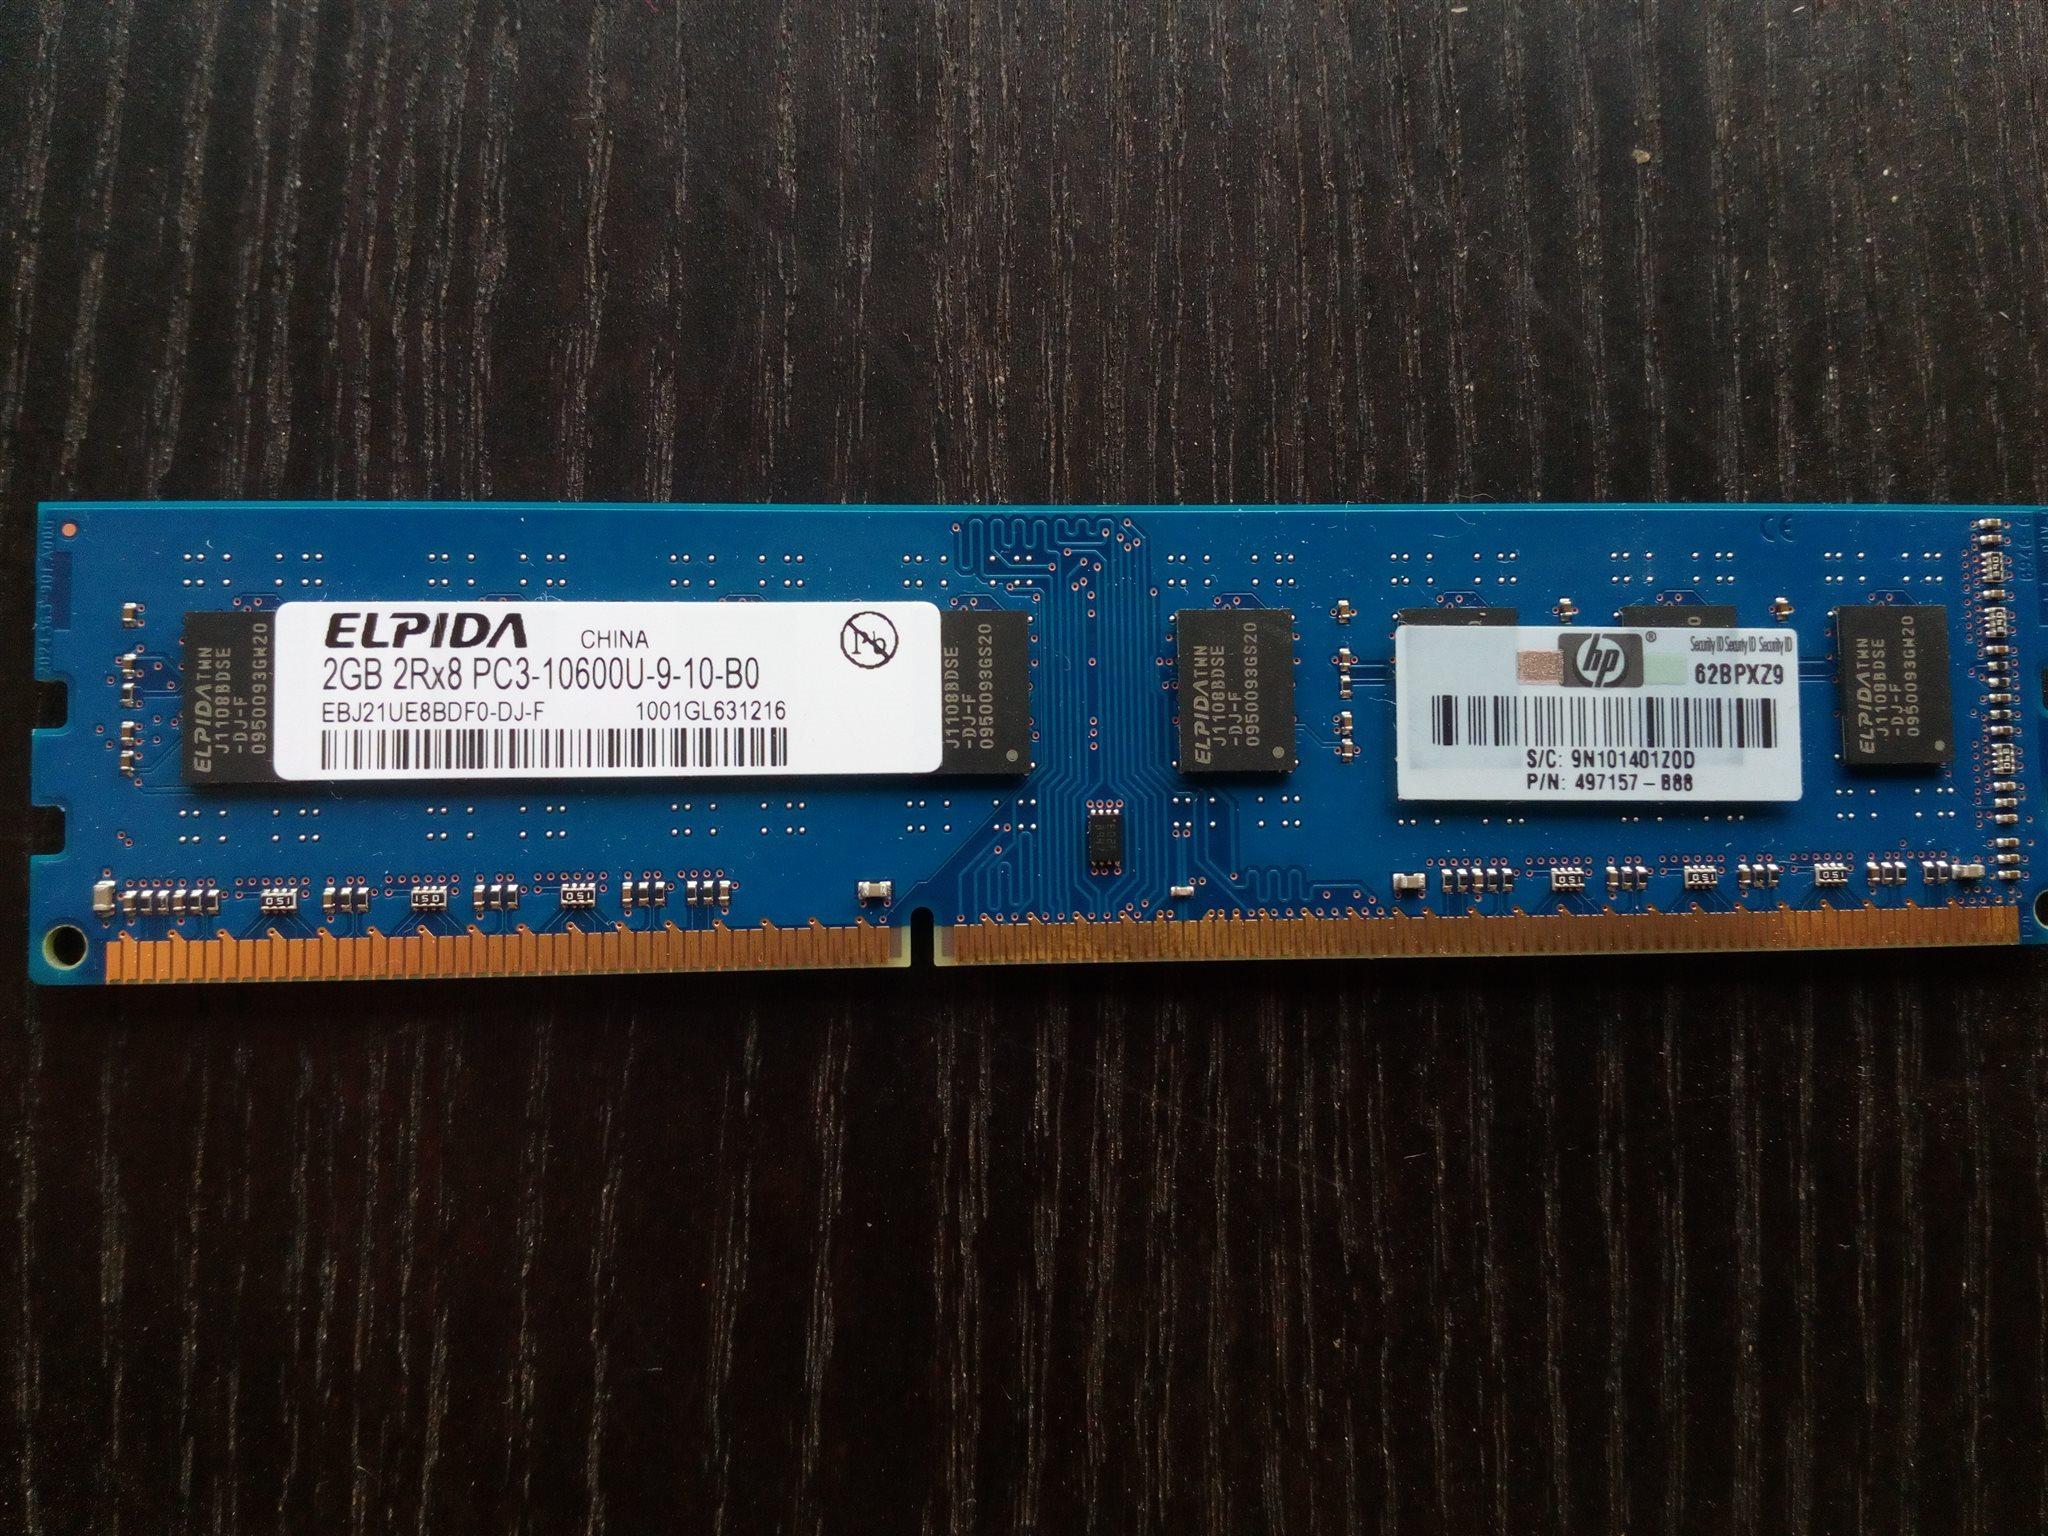 Elpida 2gb 2rx8 Pc3 10600u 9 10 B0 323466714 Kp P Tradera Memory 4gb Ddr3 Pc12800